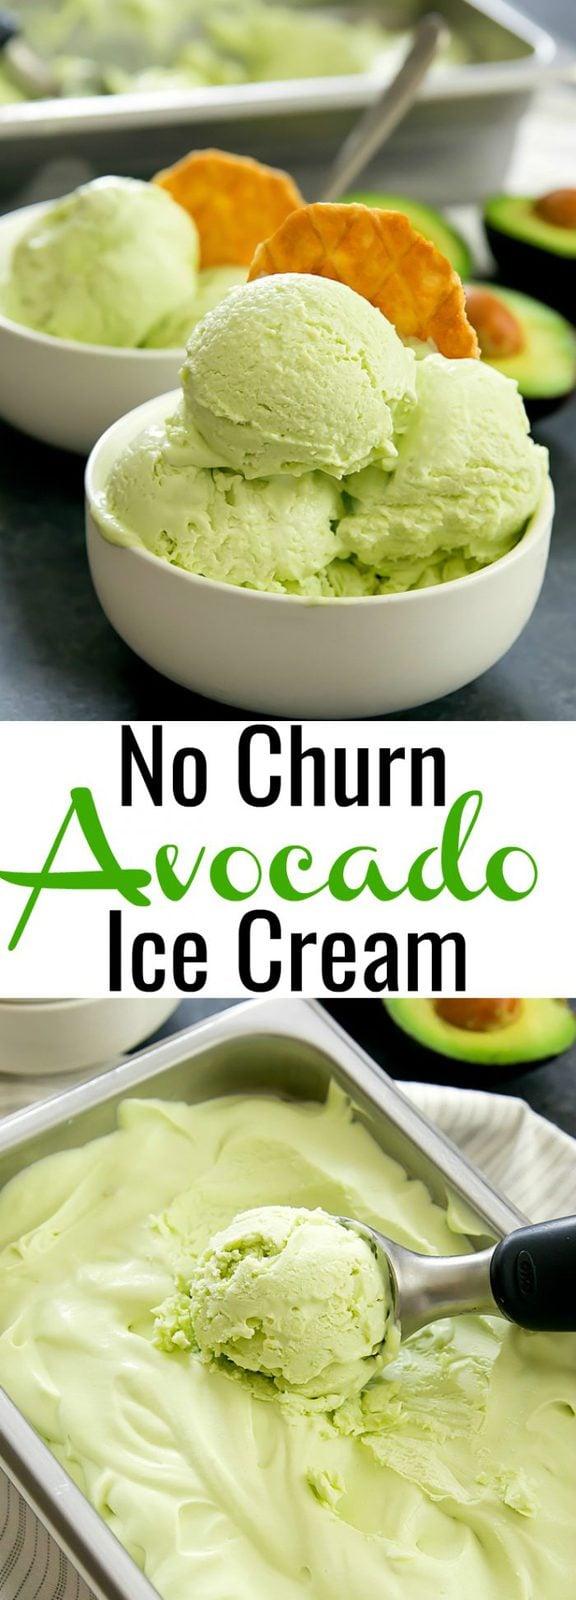 No Churn Creamy Avocado Ice Cream